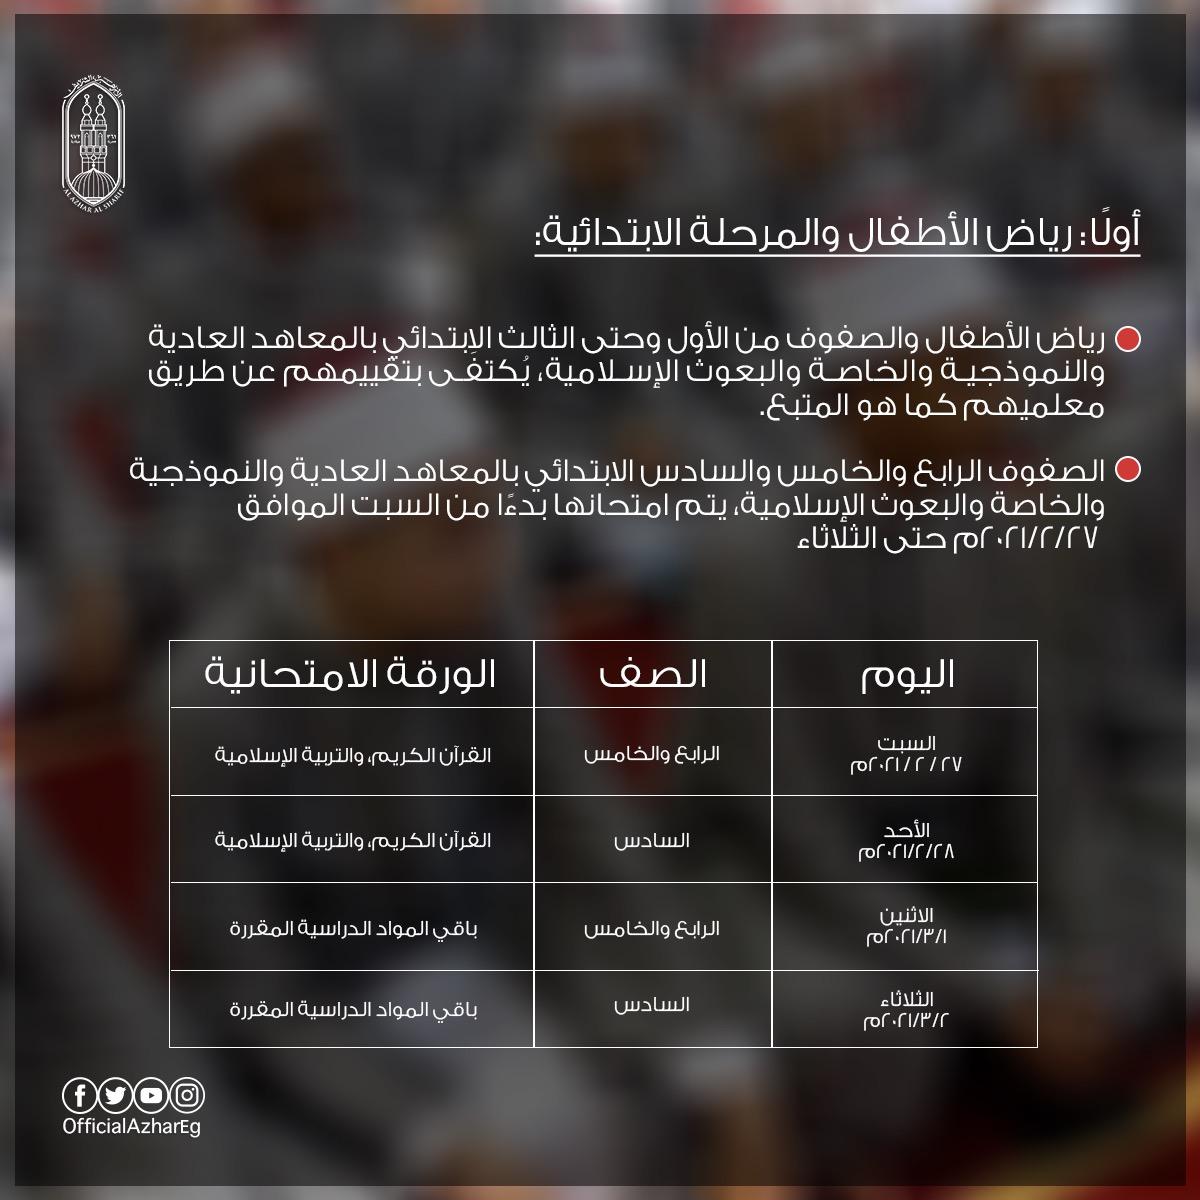 000 - جداول امتحانات الابتدائية الازهرية الترم الاول 2021 الصف الرابع والخامس والسادس